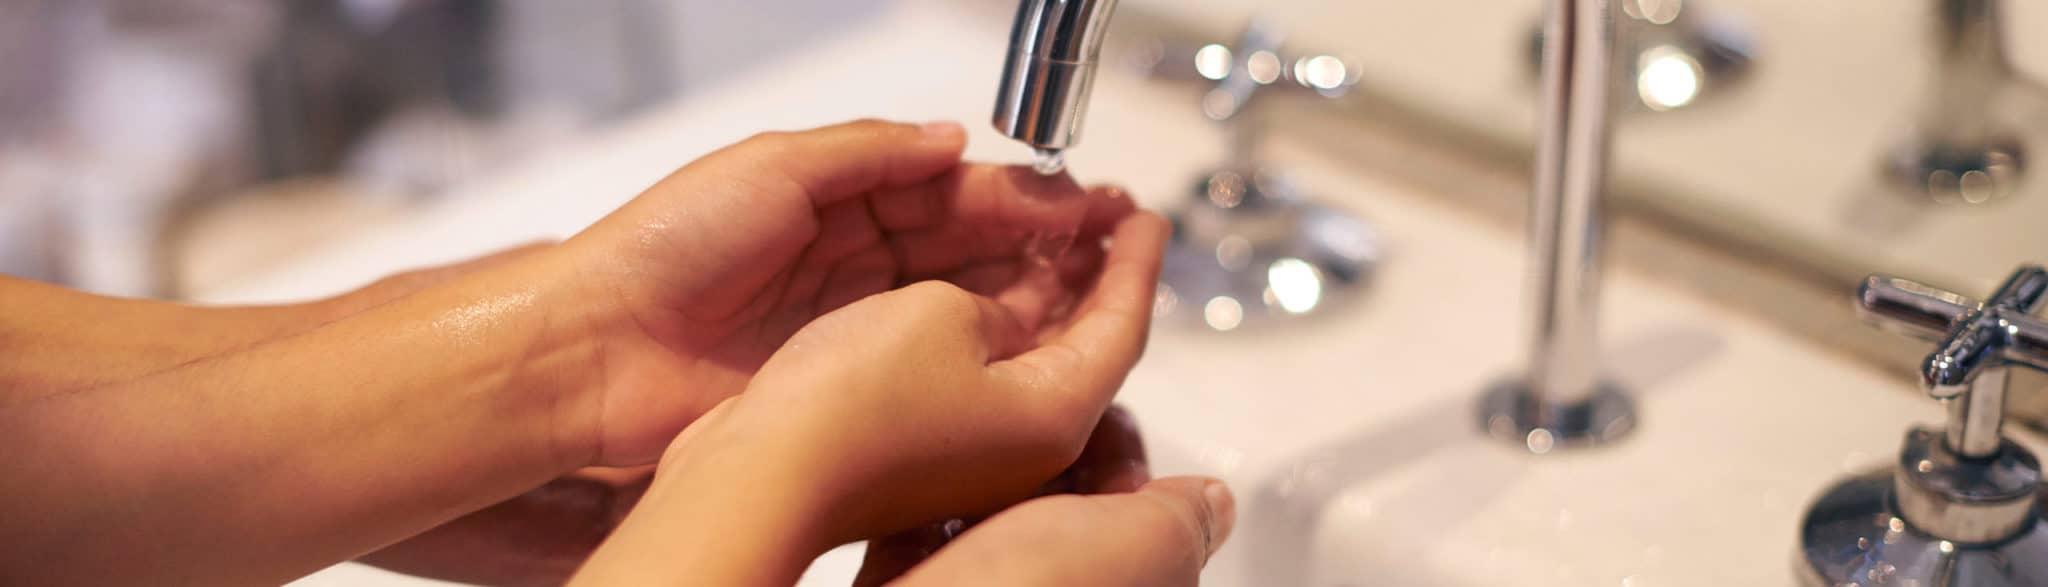 Familia lavándose las manos en un baño de Grupo Coeco